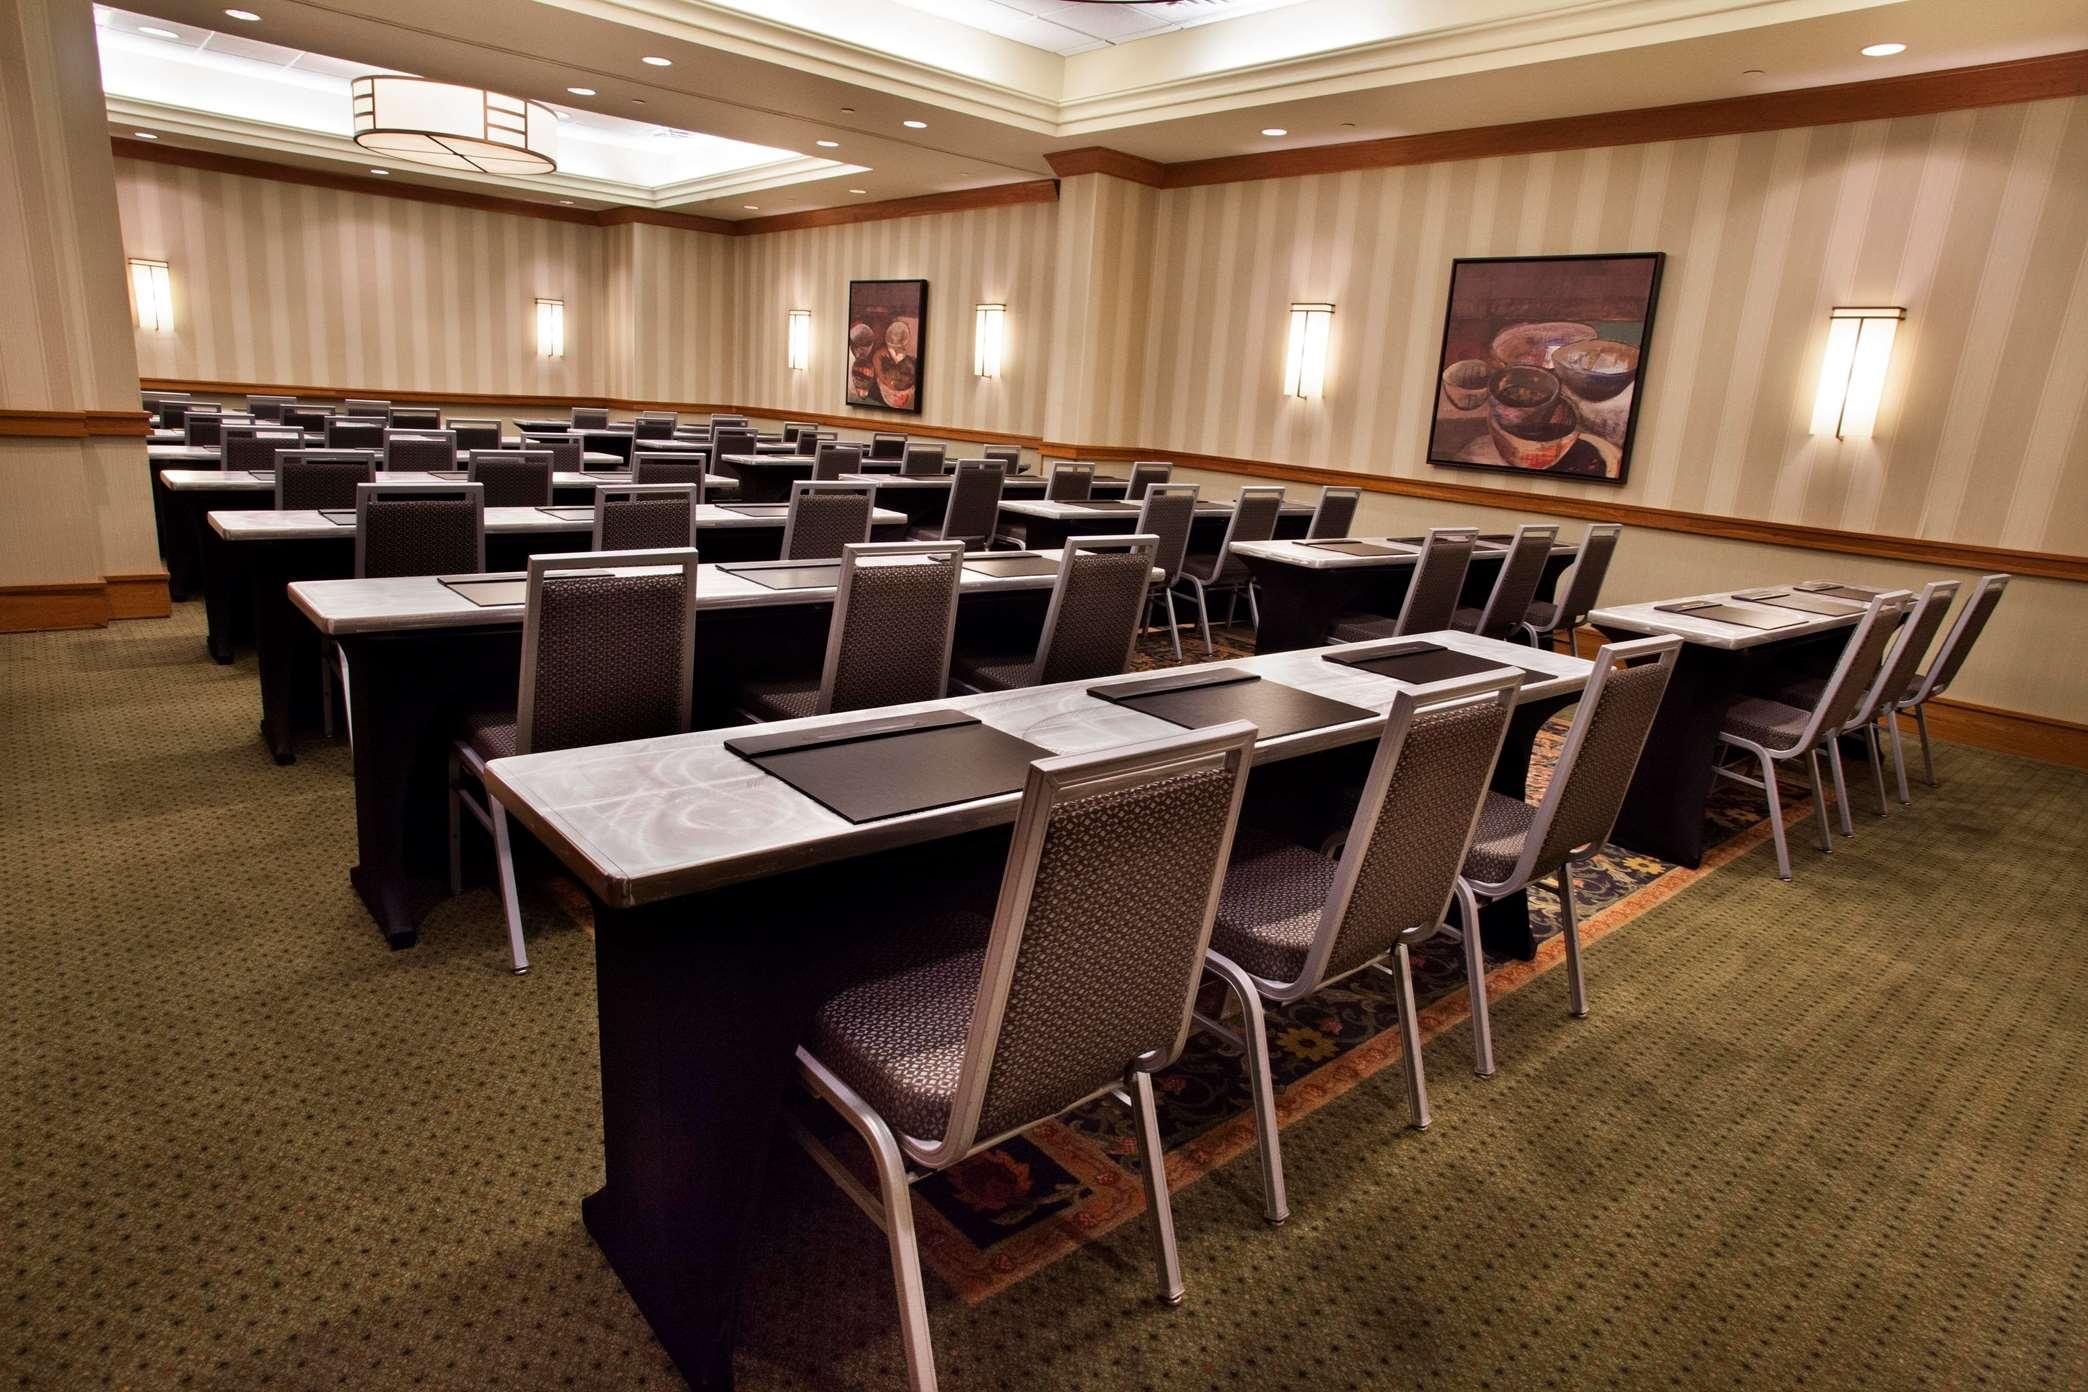 Hilton Chicago/Oak Brook Suites image 12